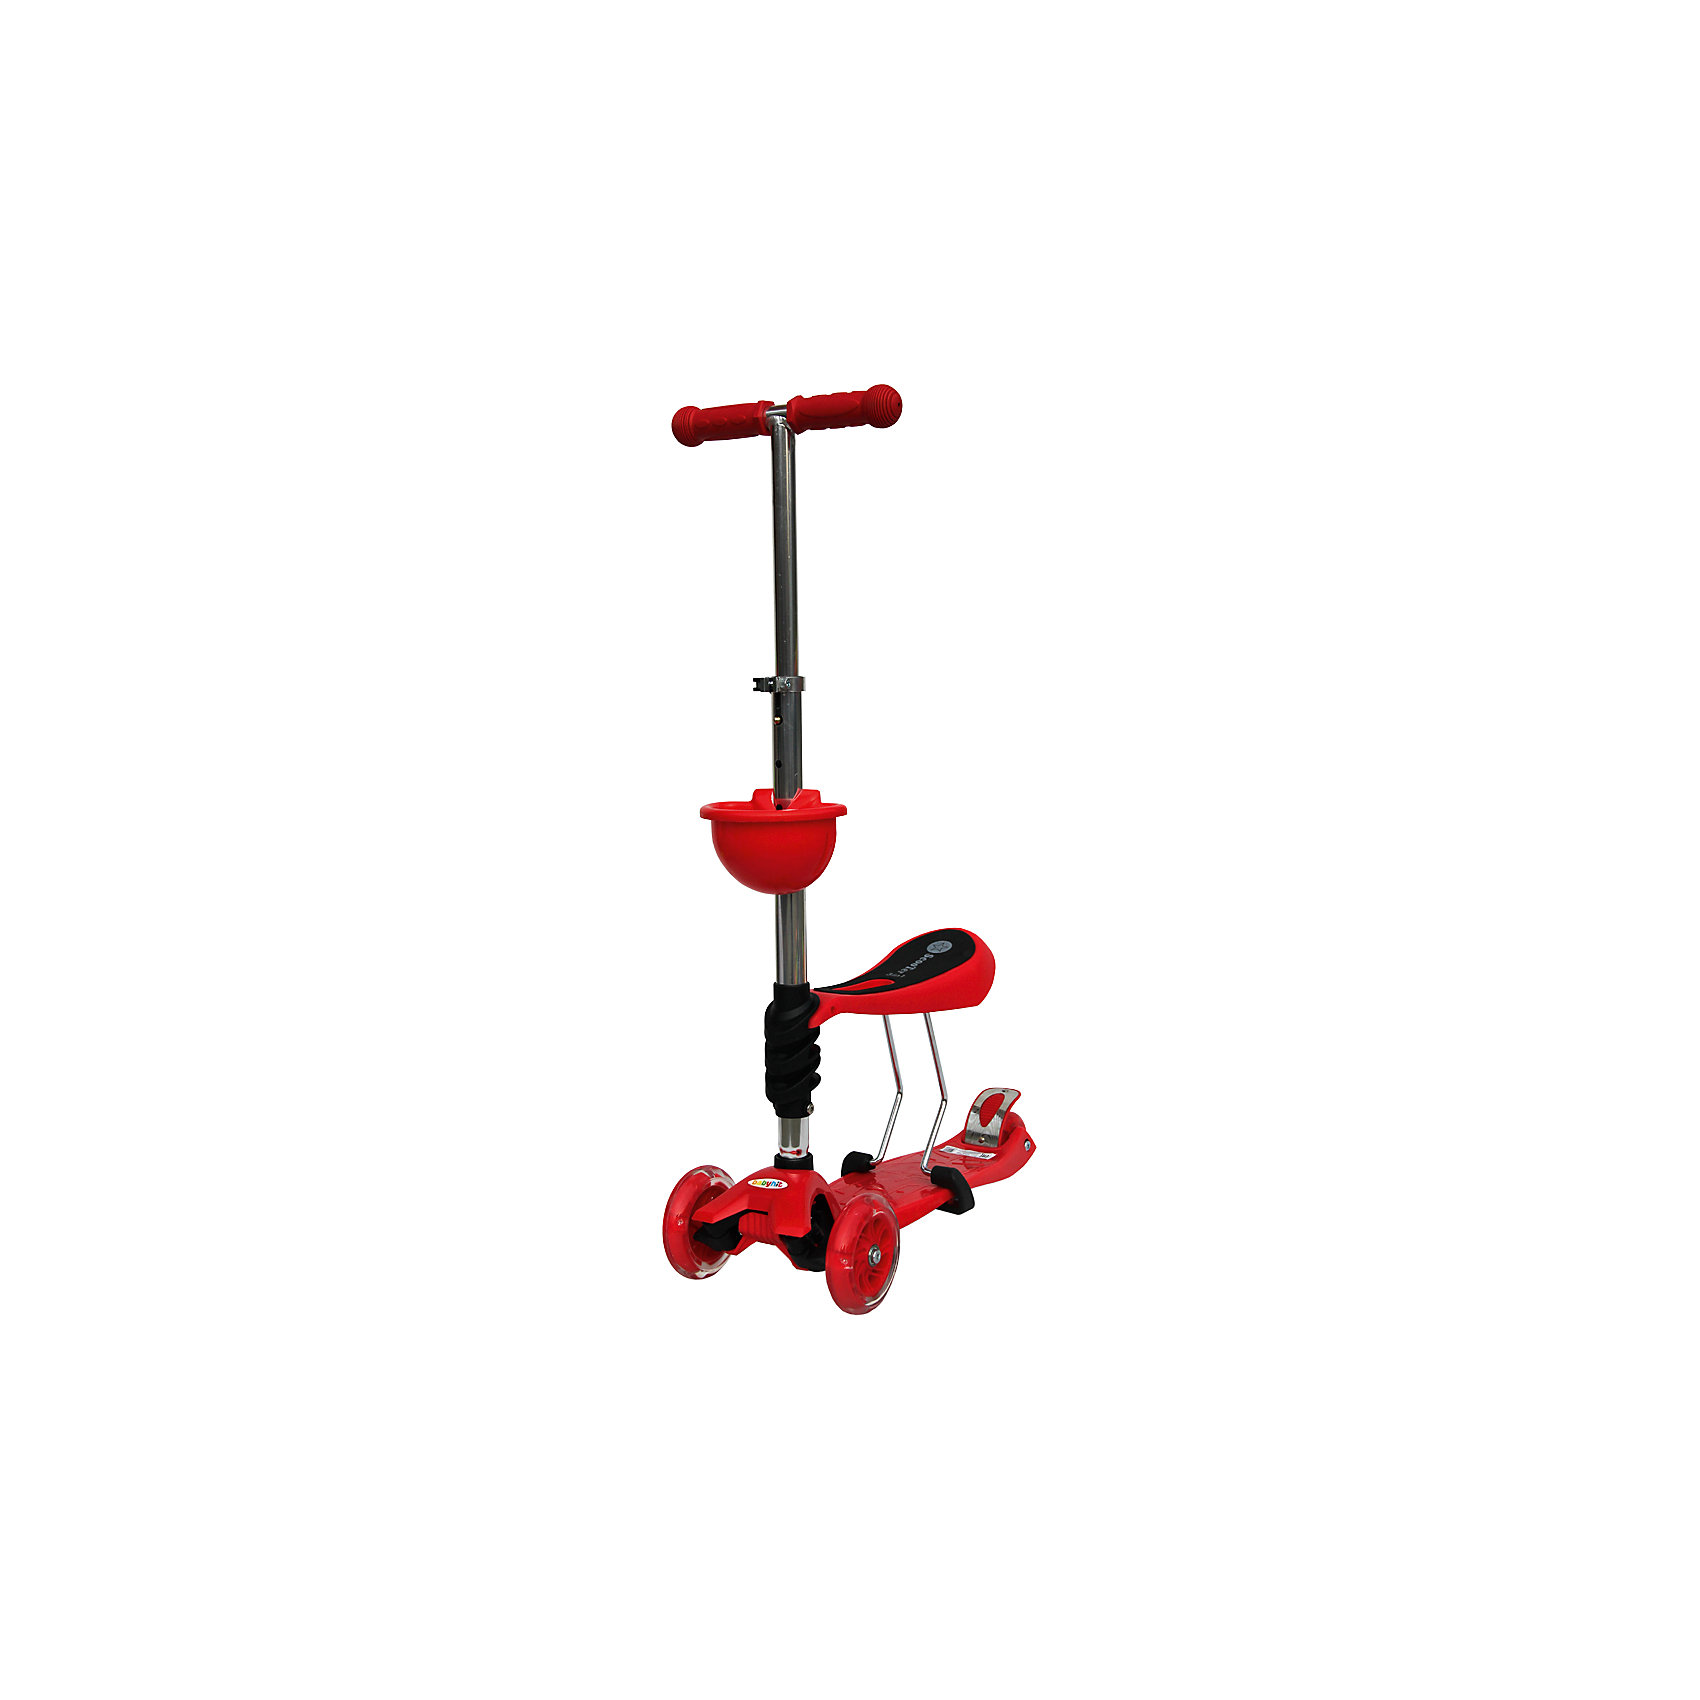 Самокат, красный, ScooterOK TolocarСамокаты<br>Особенности самоката-толокара Babyhit ScooterOk Tolocar:<br>• Для детей от 3-х лет<br>• Регулируемая по высоте ручка (от 65 до 90 см) <br>• Силиконовые колеса со светодиодной подсветкой<br>• Задние сдвоенные колеса для большей устойчивости<br>• Съемное сидение, превращающее самокат в толокар (на высоте 40 см)<br>• Корзинка для мелочей<br>• Усиленная платформа <br>• Высокое качество применяемых материалов<br>• Диаметр колес: передние – 120 мм, задние – 80 мм<br>• Максимальная нагрузка - до 40 кг<br><br>Ширина мм: 600<br>Глубина мм: 145<br>Высота мм: 280<br>Вес г: 3660<br>Цвет: желтый<br>Возраст от месяцев: 36<br>Возраст до месяцев: 2147483647<br>Пол: Унисекс<br>Возраст: Детский<br>SKU: 5614427